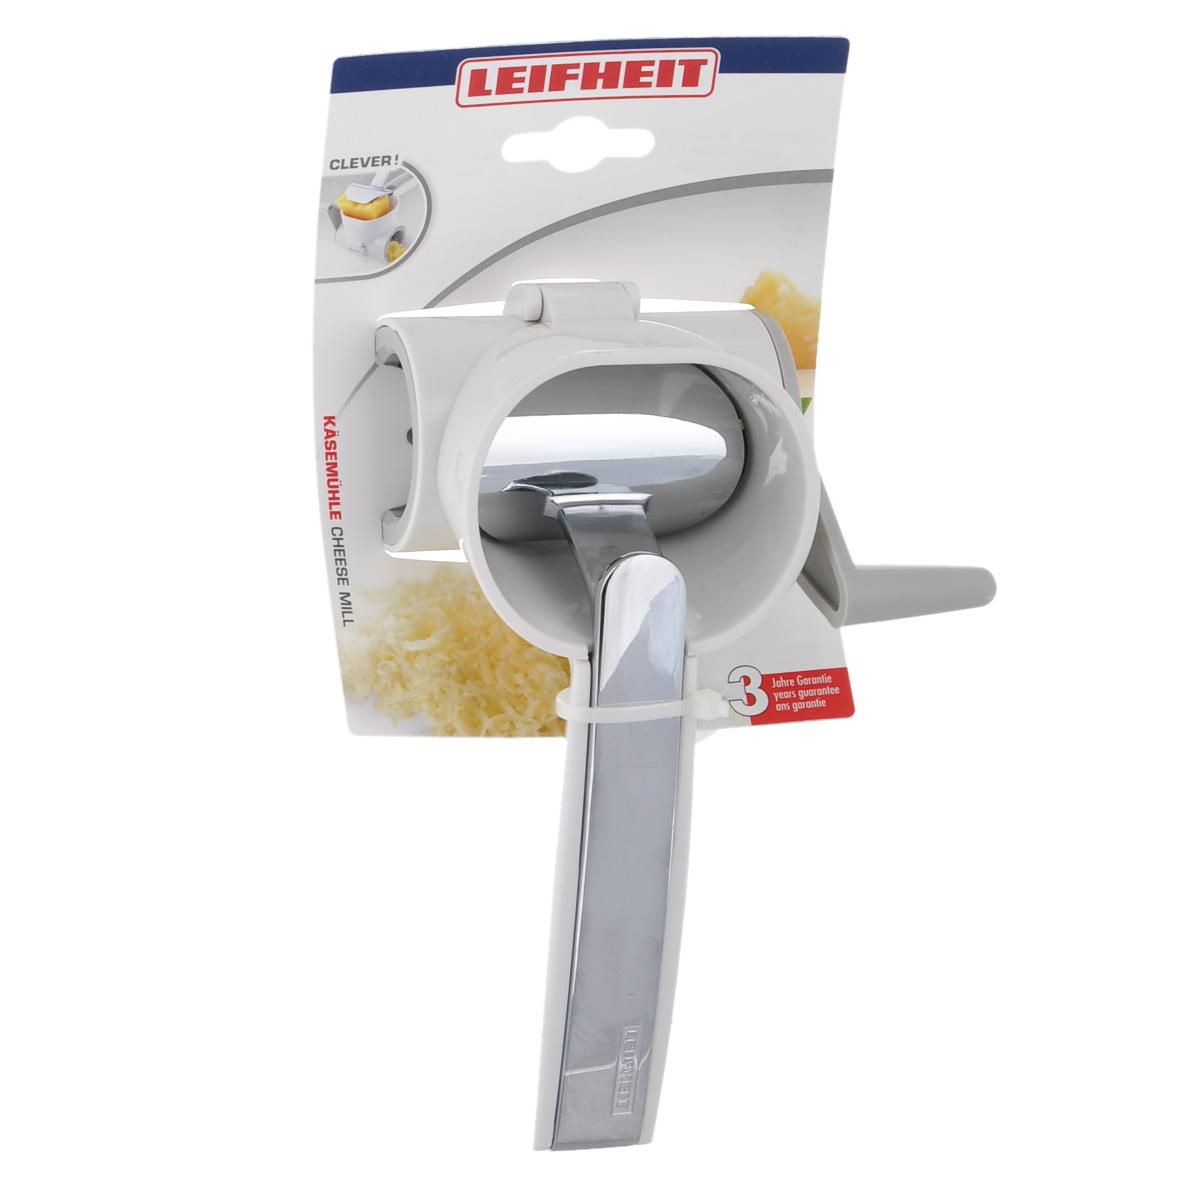 Терка для сыра Leifheit Comfortline3148Терка для сыра Leifheit Comfortline изготовлена из высокопрочного пластика белого цвета, лезвия выполнены из нержавеющей стали. Терку очень легко использовать. Надежная металлическая ручка плотно фиксирует кусок сыра. Вращая специальную ручку сбоку терки, сыр легко натирается. Теперь с помощью такой терки сыр можно натереть без лишних усилий. Терка для сыра Leifheit Comfortline станет прекрасным дополнением к коллекции ваших кухонных аксессуаров. Можно мыть в посудомоечной машине.